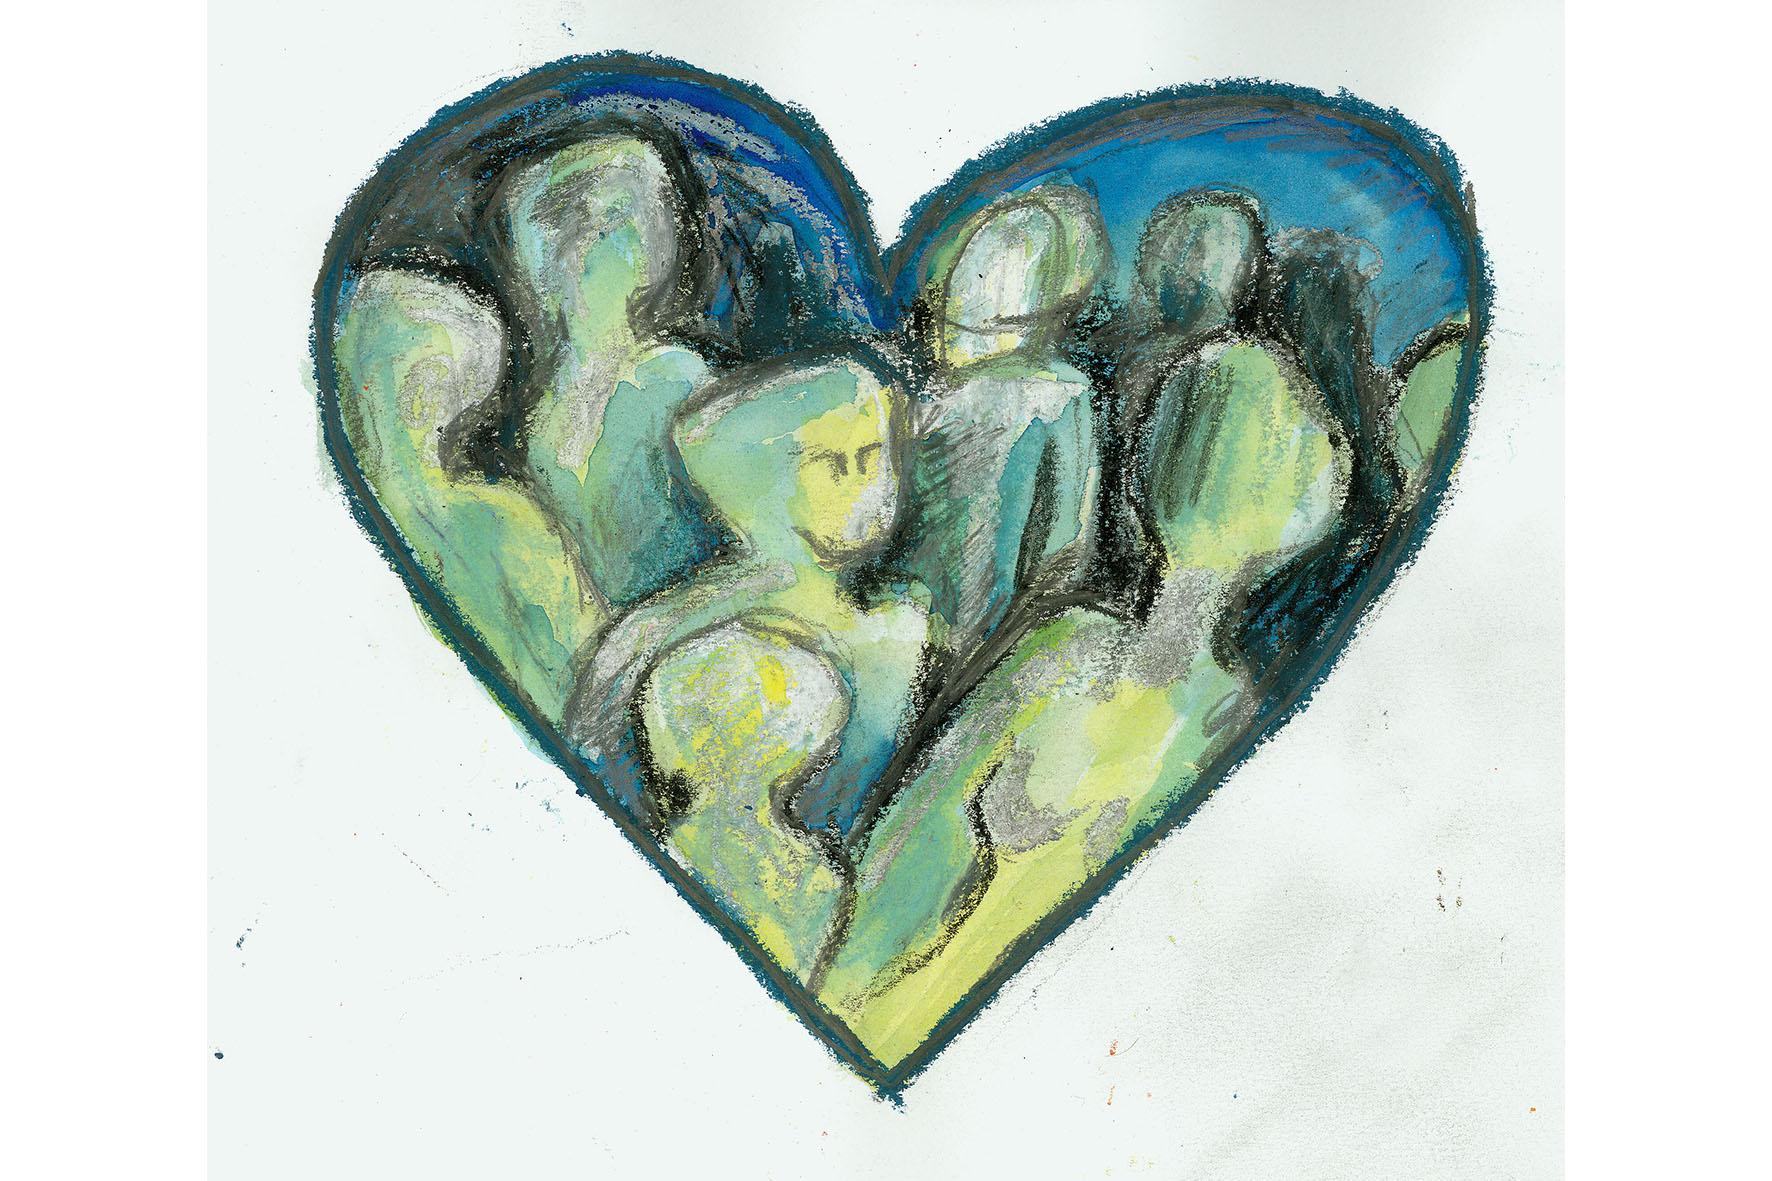 Eine Zeichnung in grünen und blauen Farben, die menschliche Gestalten in einem herzförmigen Umriss zeigt.